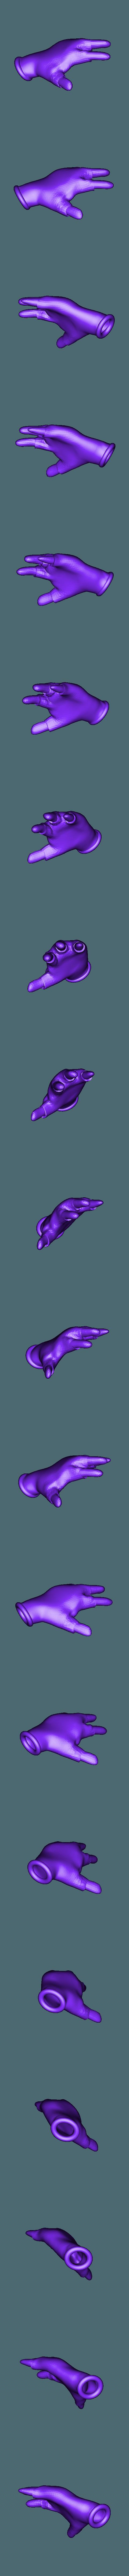 luva_esq.obj Télécharger fichier OBJ gratuit Crash Bandicoot • Design pour impression 3D, Dream_it_Model_it